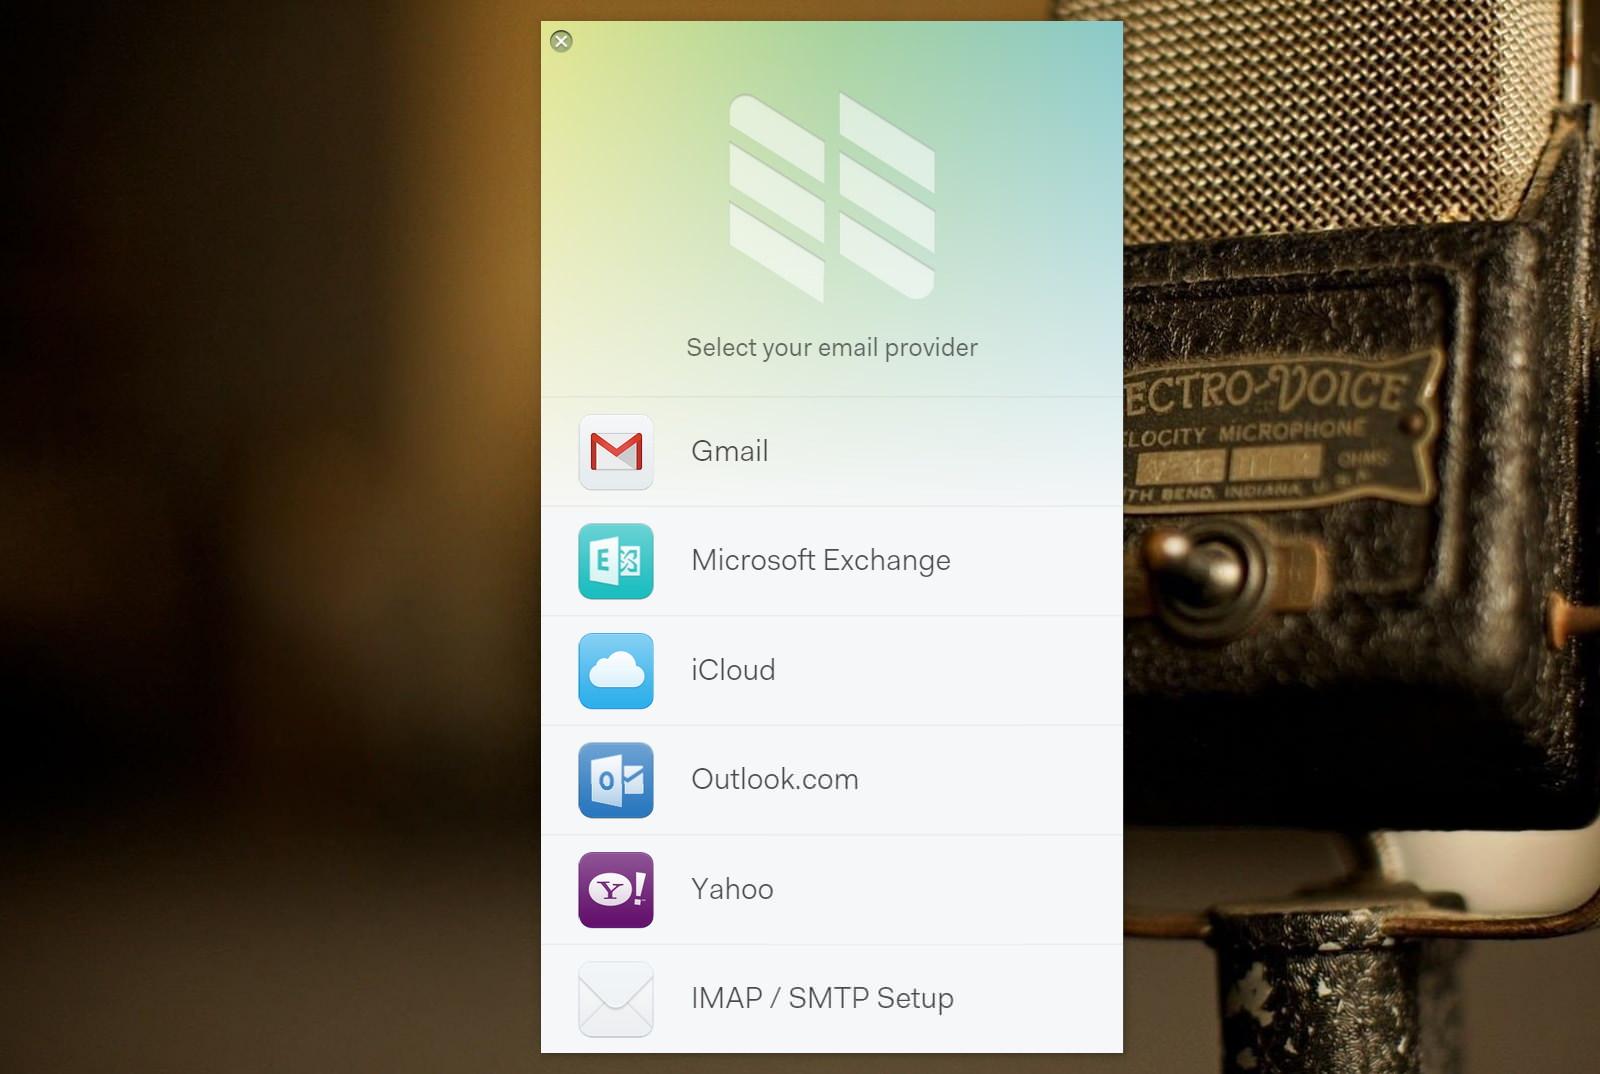 N1 — удобная почтовая программа с минималистичным интерфейсом, поддержкой плагинов и открытым кодом